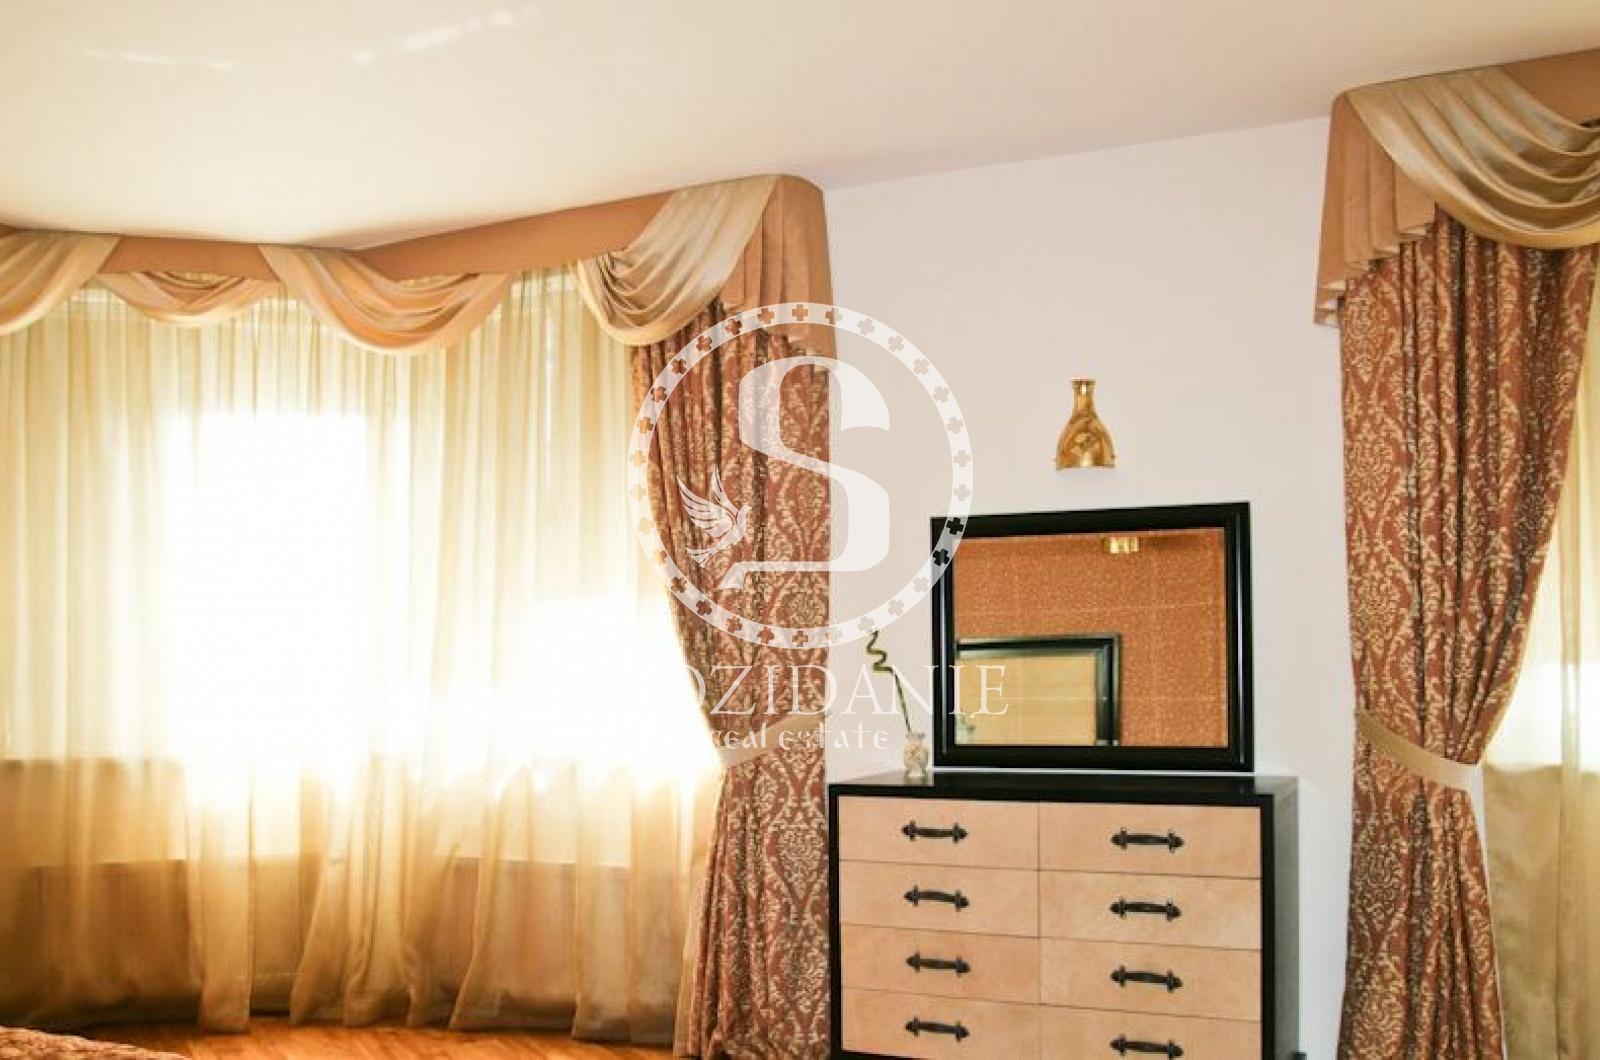 3 Комнаты, Городская, Продажа, Улица Новочеремушкинская, Listing ID 3678, Москва, Россия,